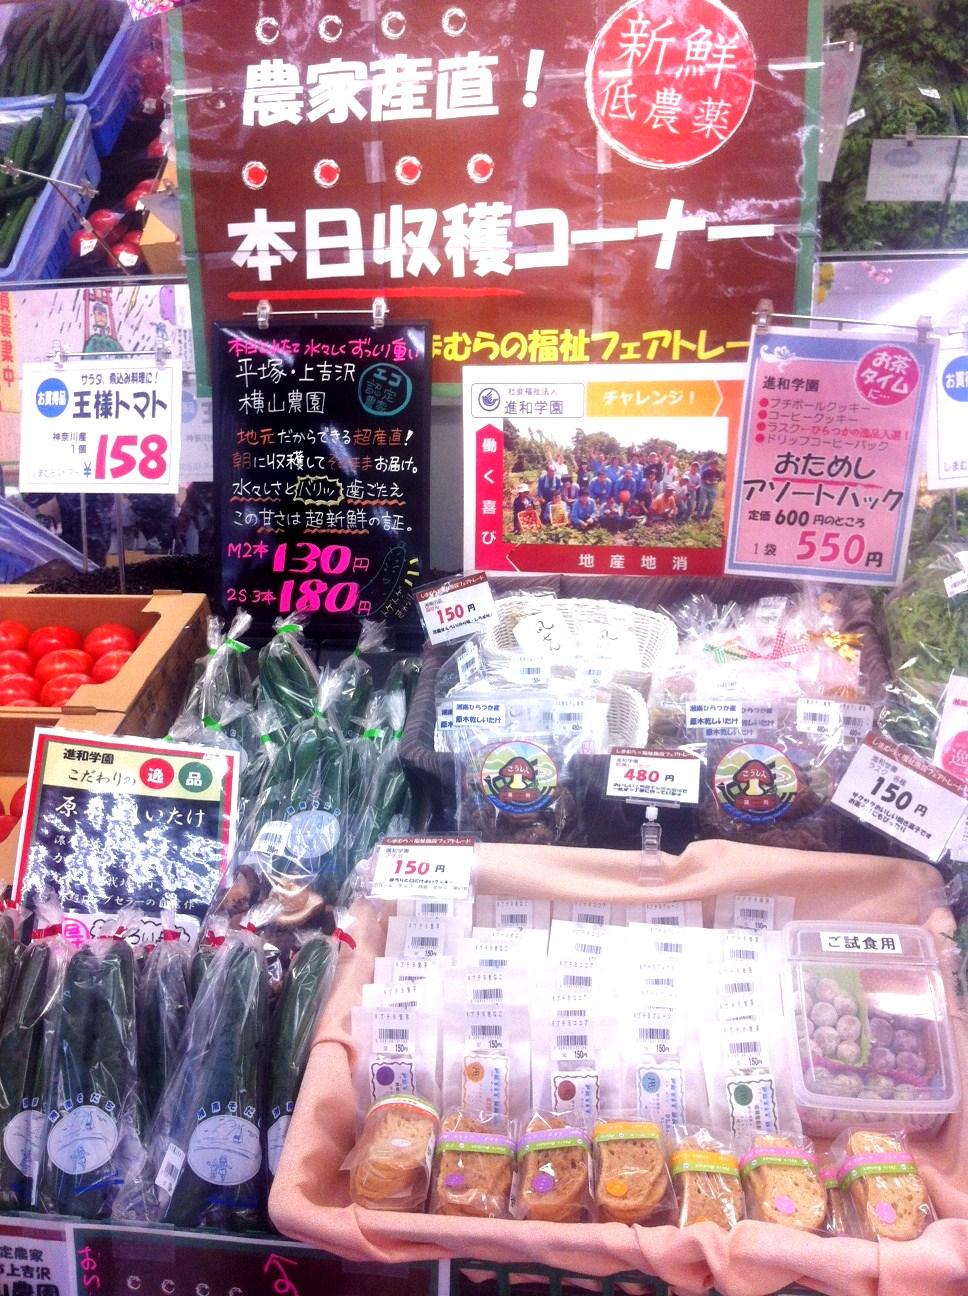 2012.4.17しまむら__.jpg